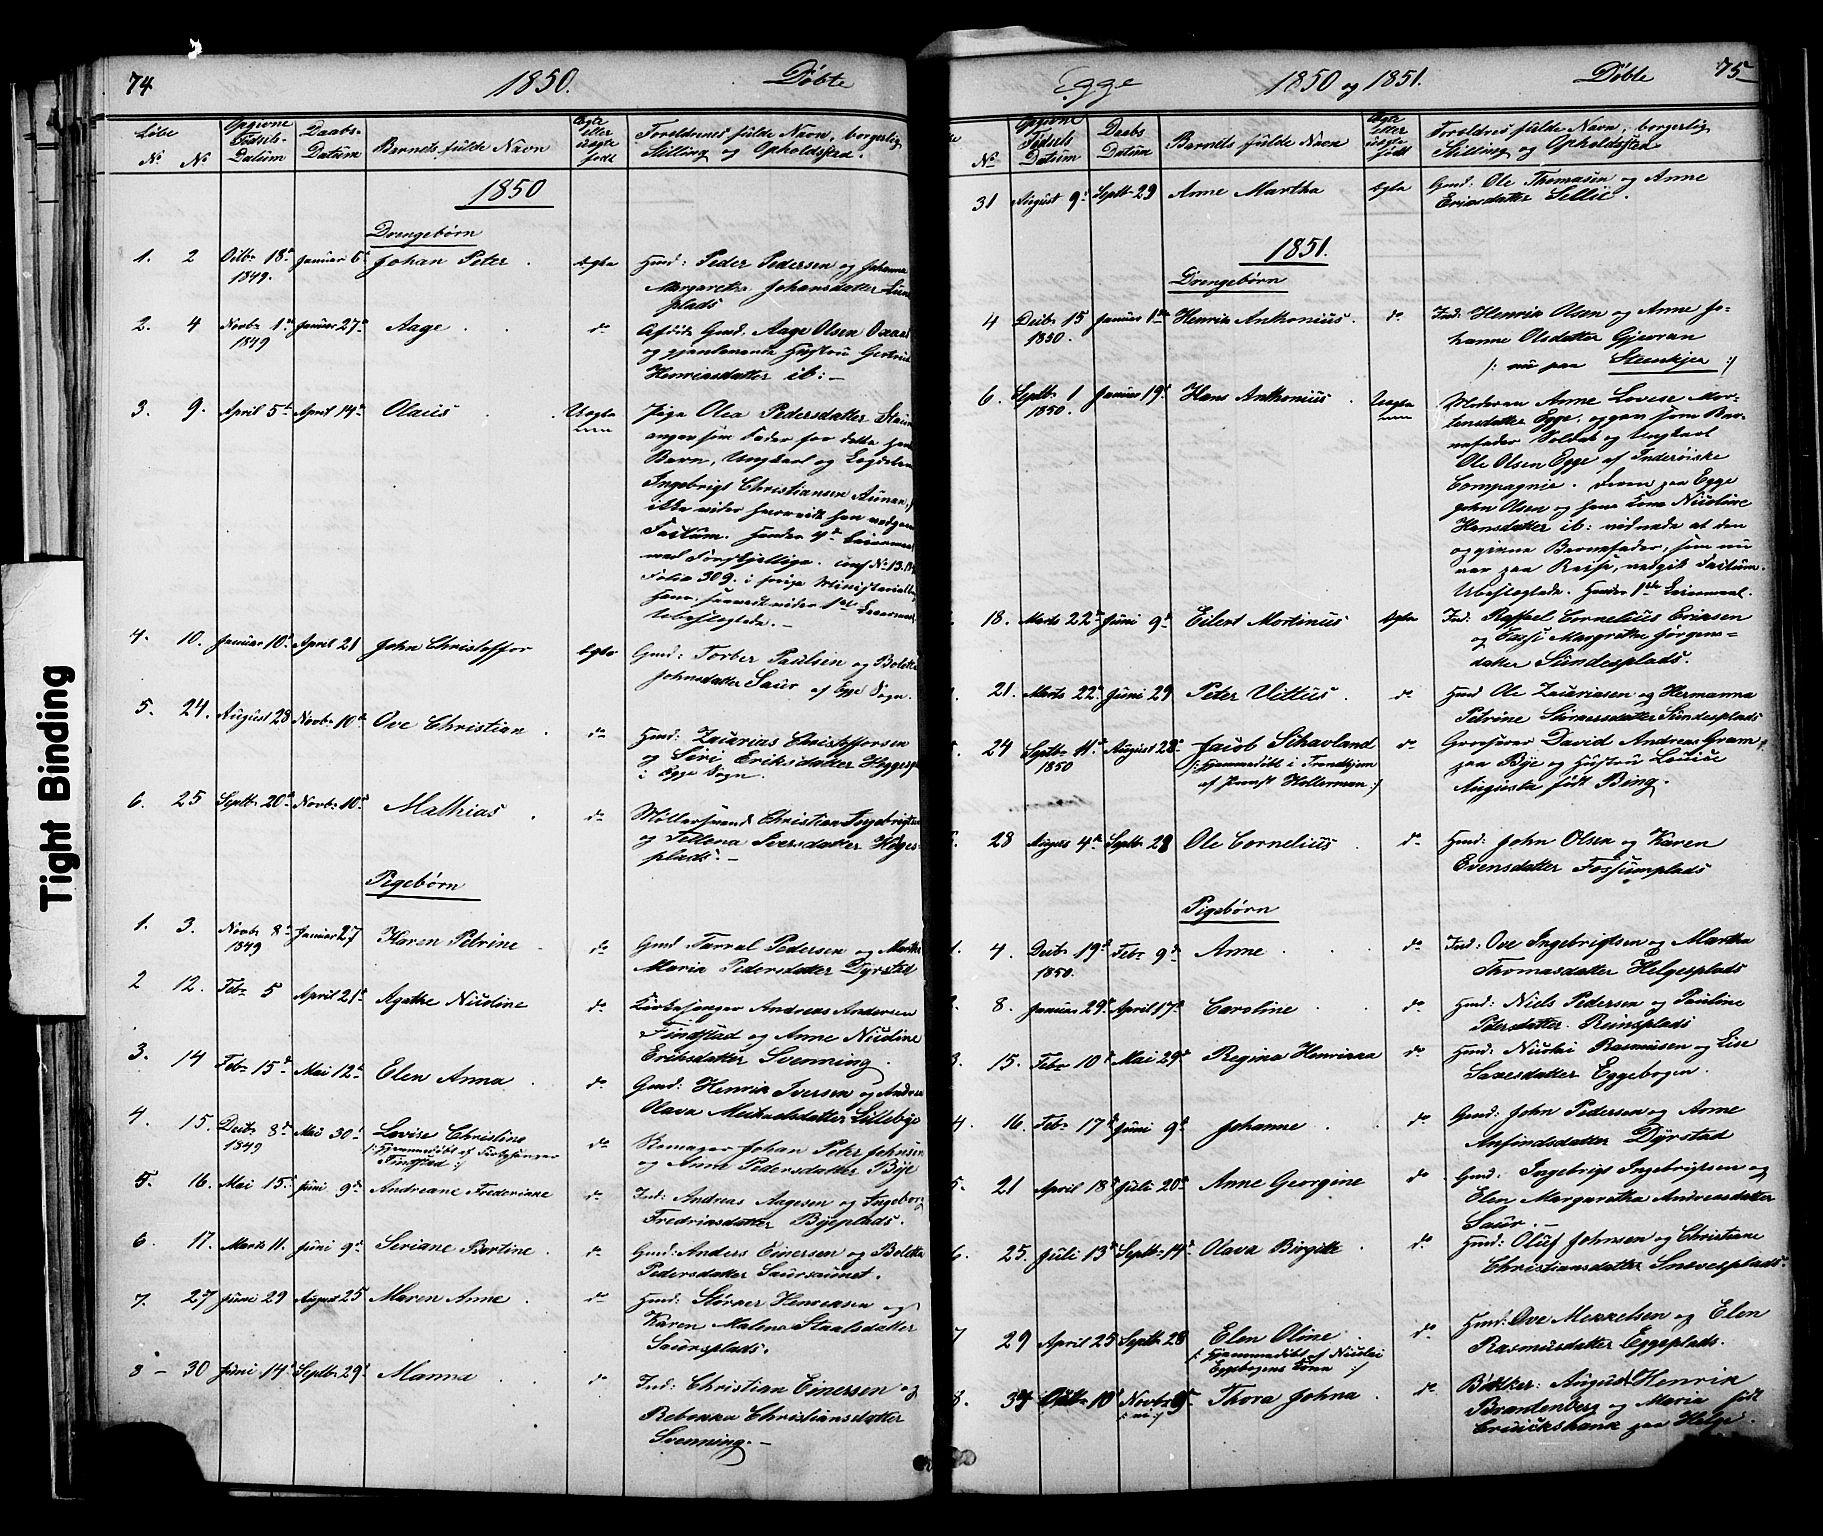 SAT, Ministerialprotokoller, klokkerbøker og fødselsregistre - Nord-Trøndelag, 739/L0367: Ministerialbok nr. 739A01 /3, 1838-1868, s. 74-75